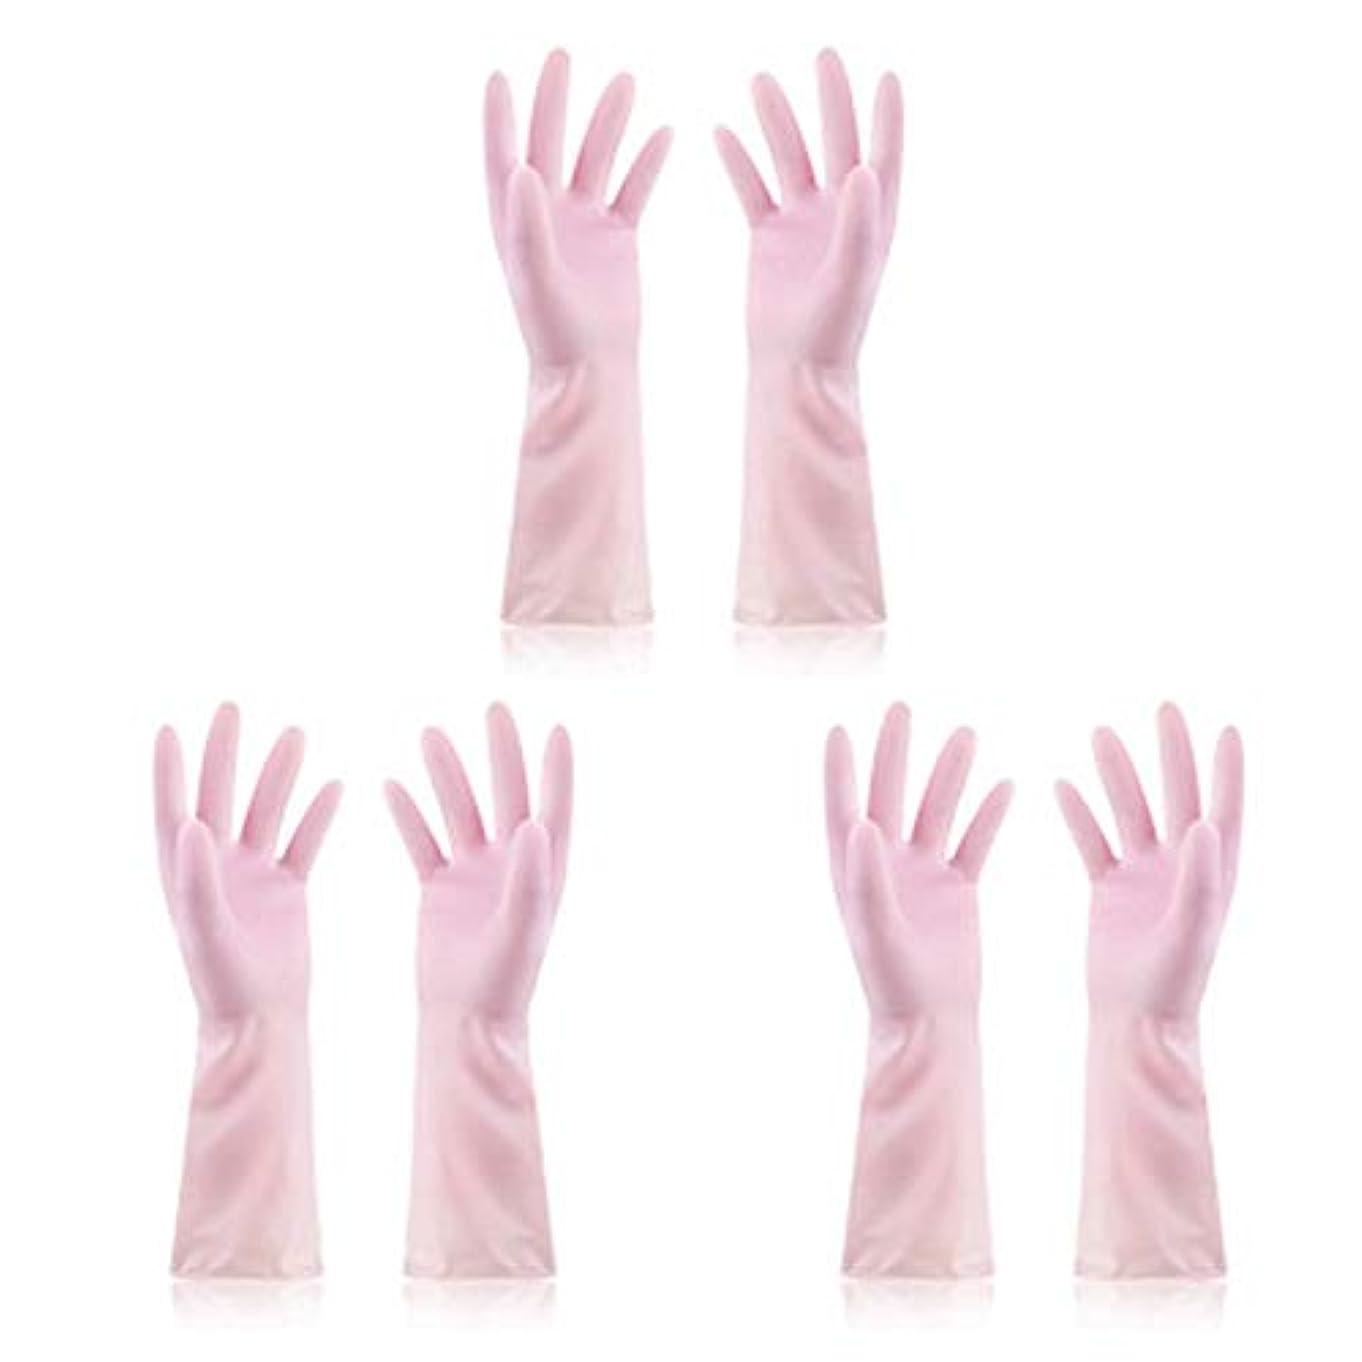 賛辞腐敗した床ニトリルゴム手袋 使い捨て手袋防水ラテックス焦げ付き防止ゴム製ゴム製台所手袋、3組 使い捨て手袋 (Color : Pink, Size : M)